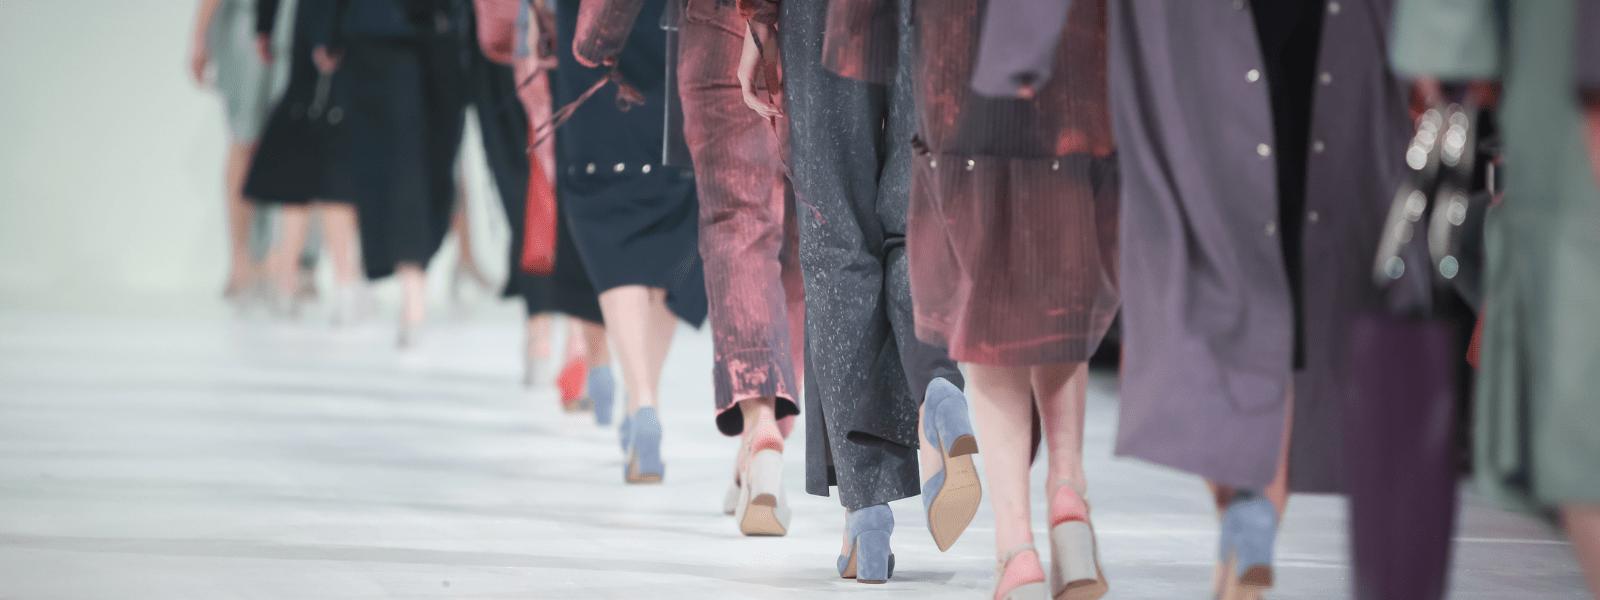 Tendances mode femme automne hiver 2021